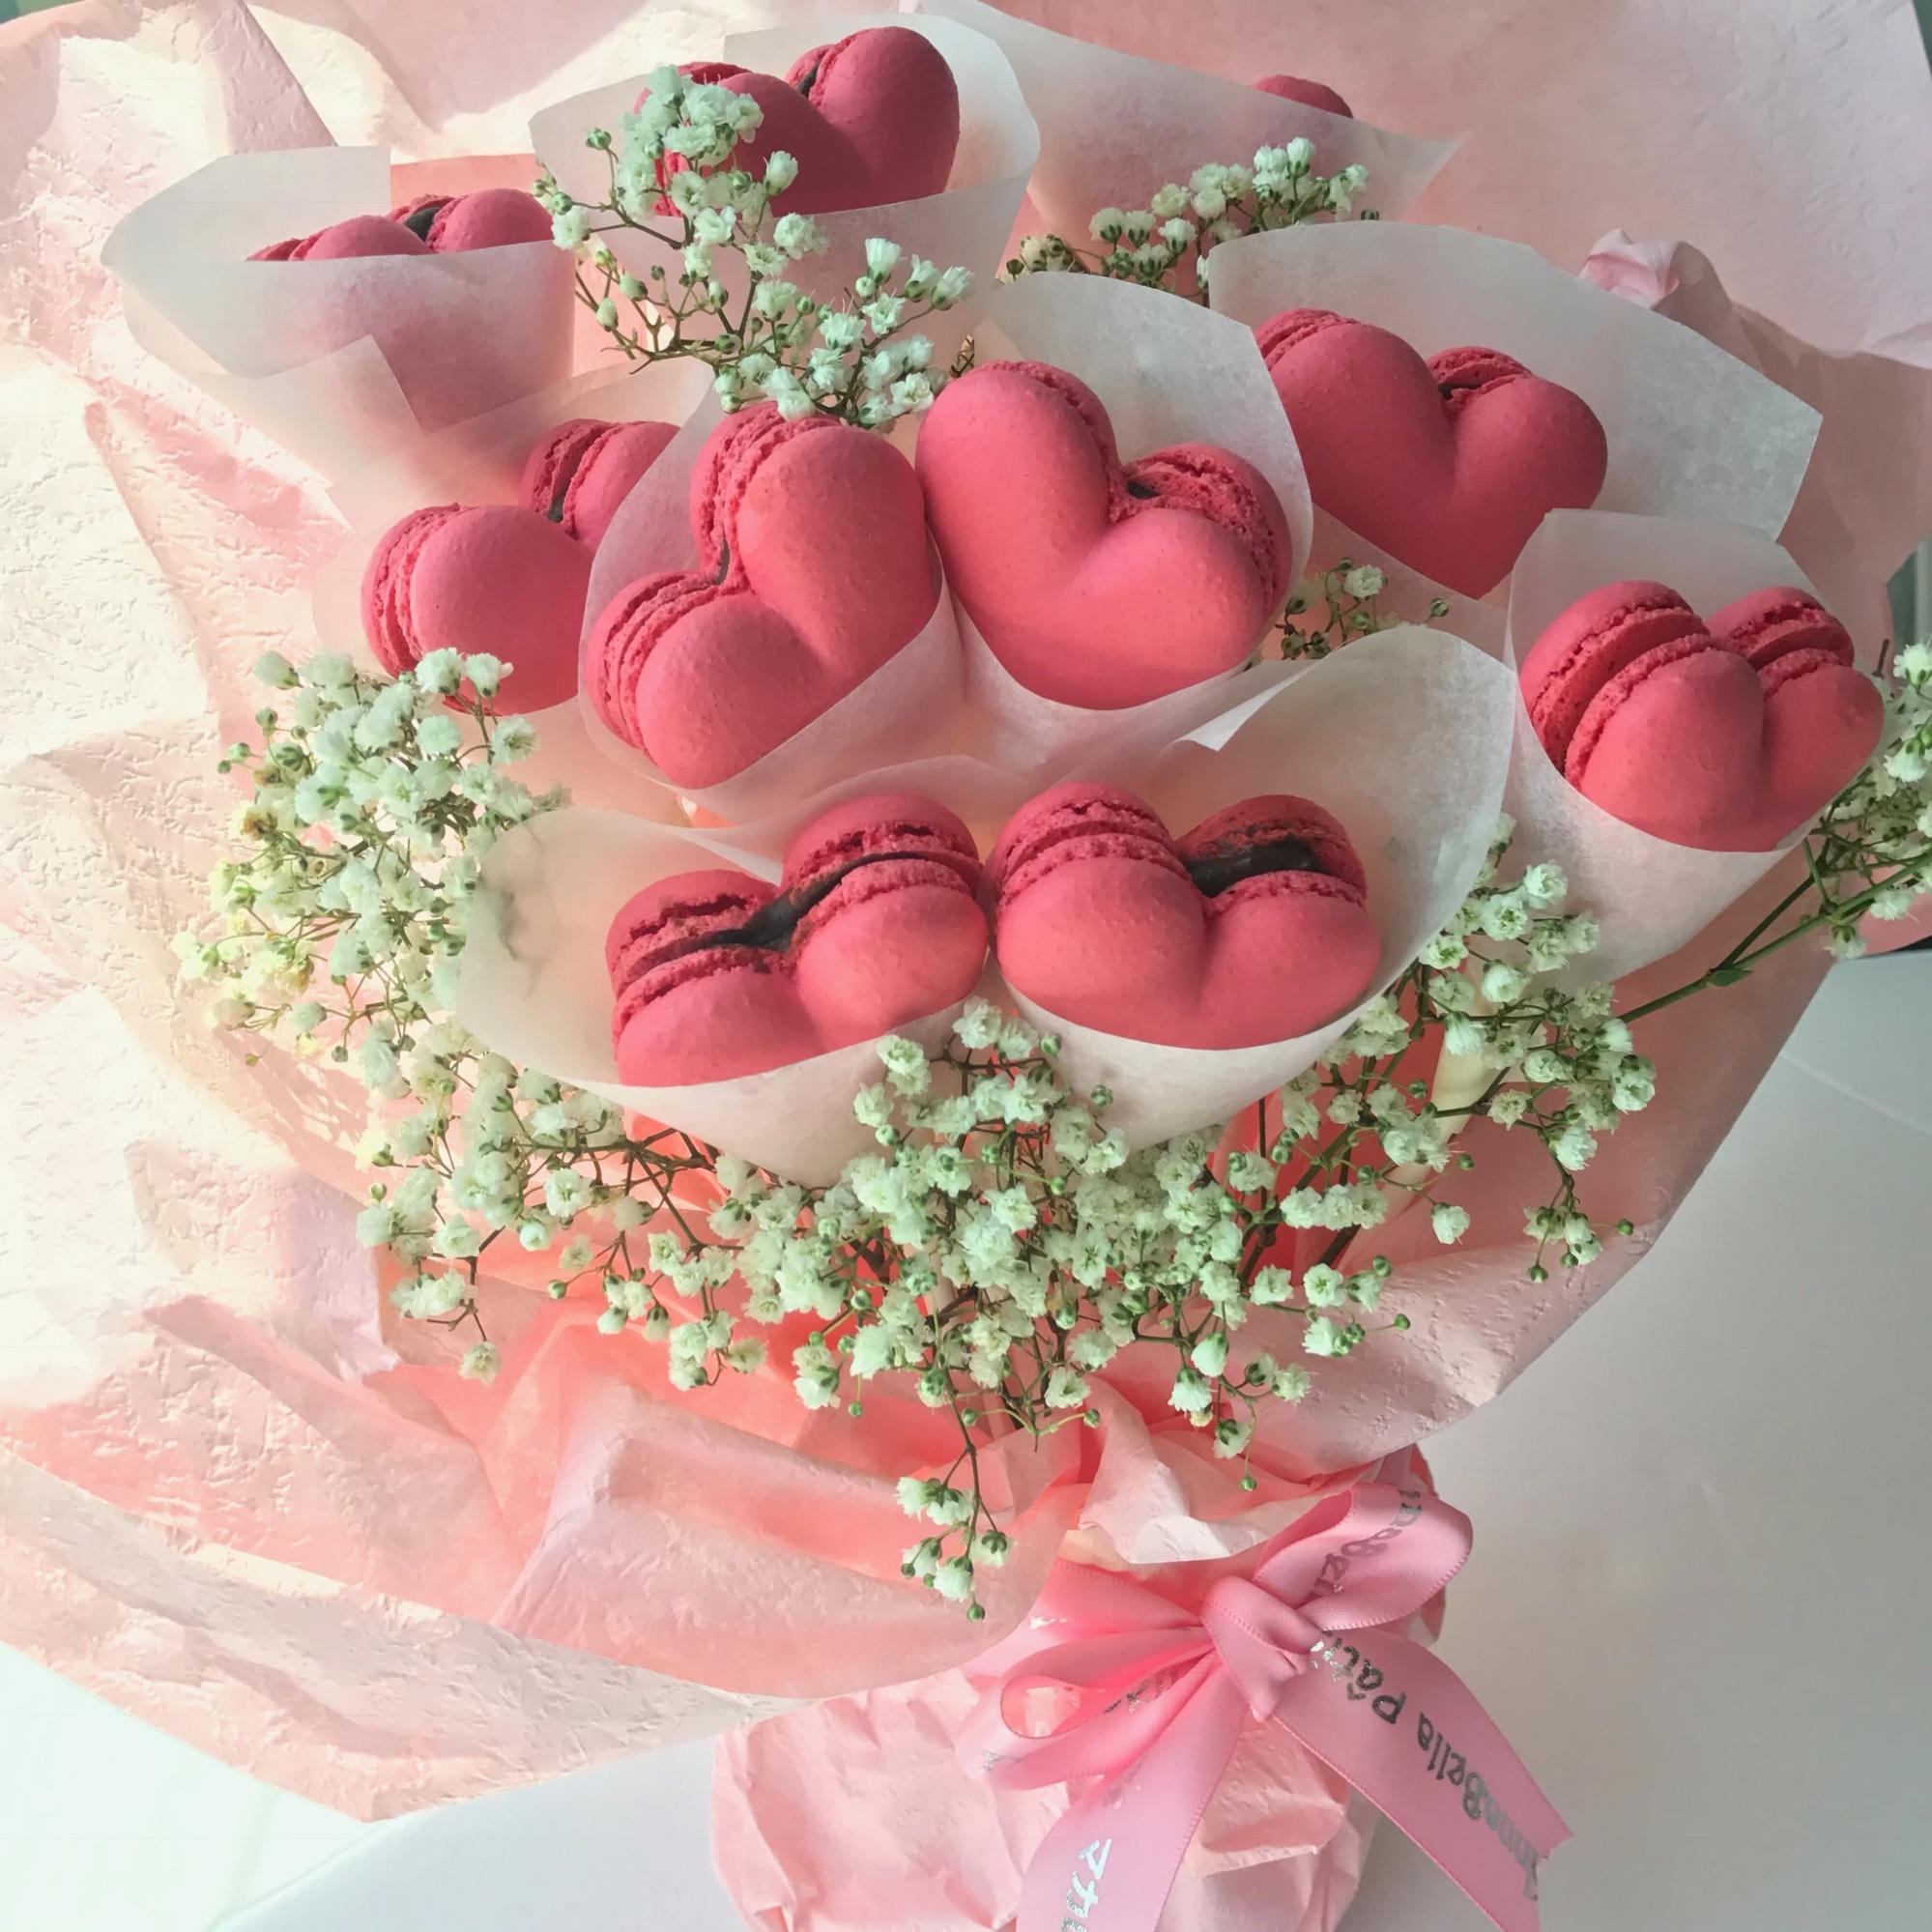 macaron edible bouquet